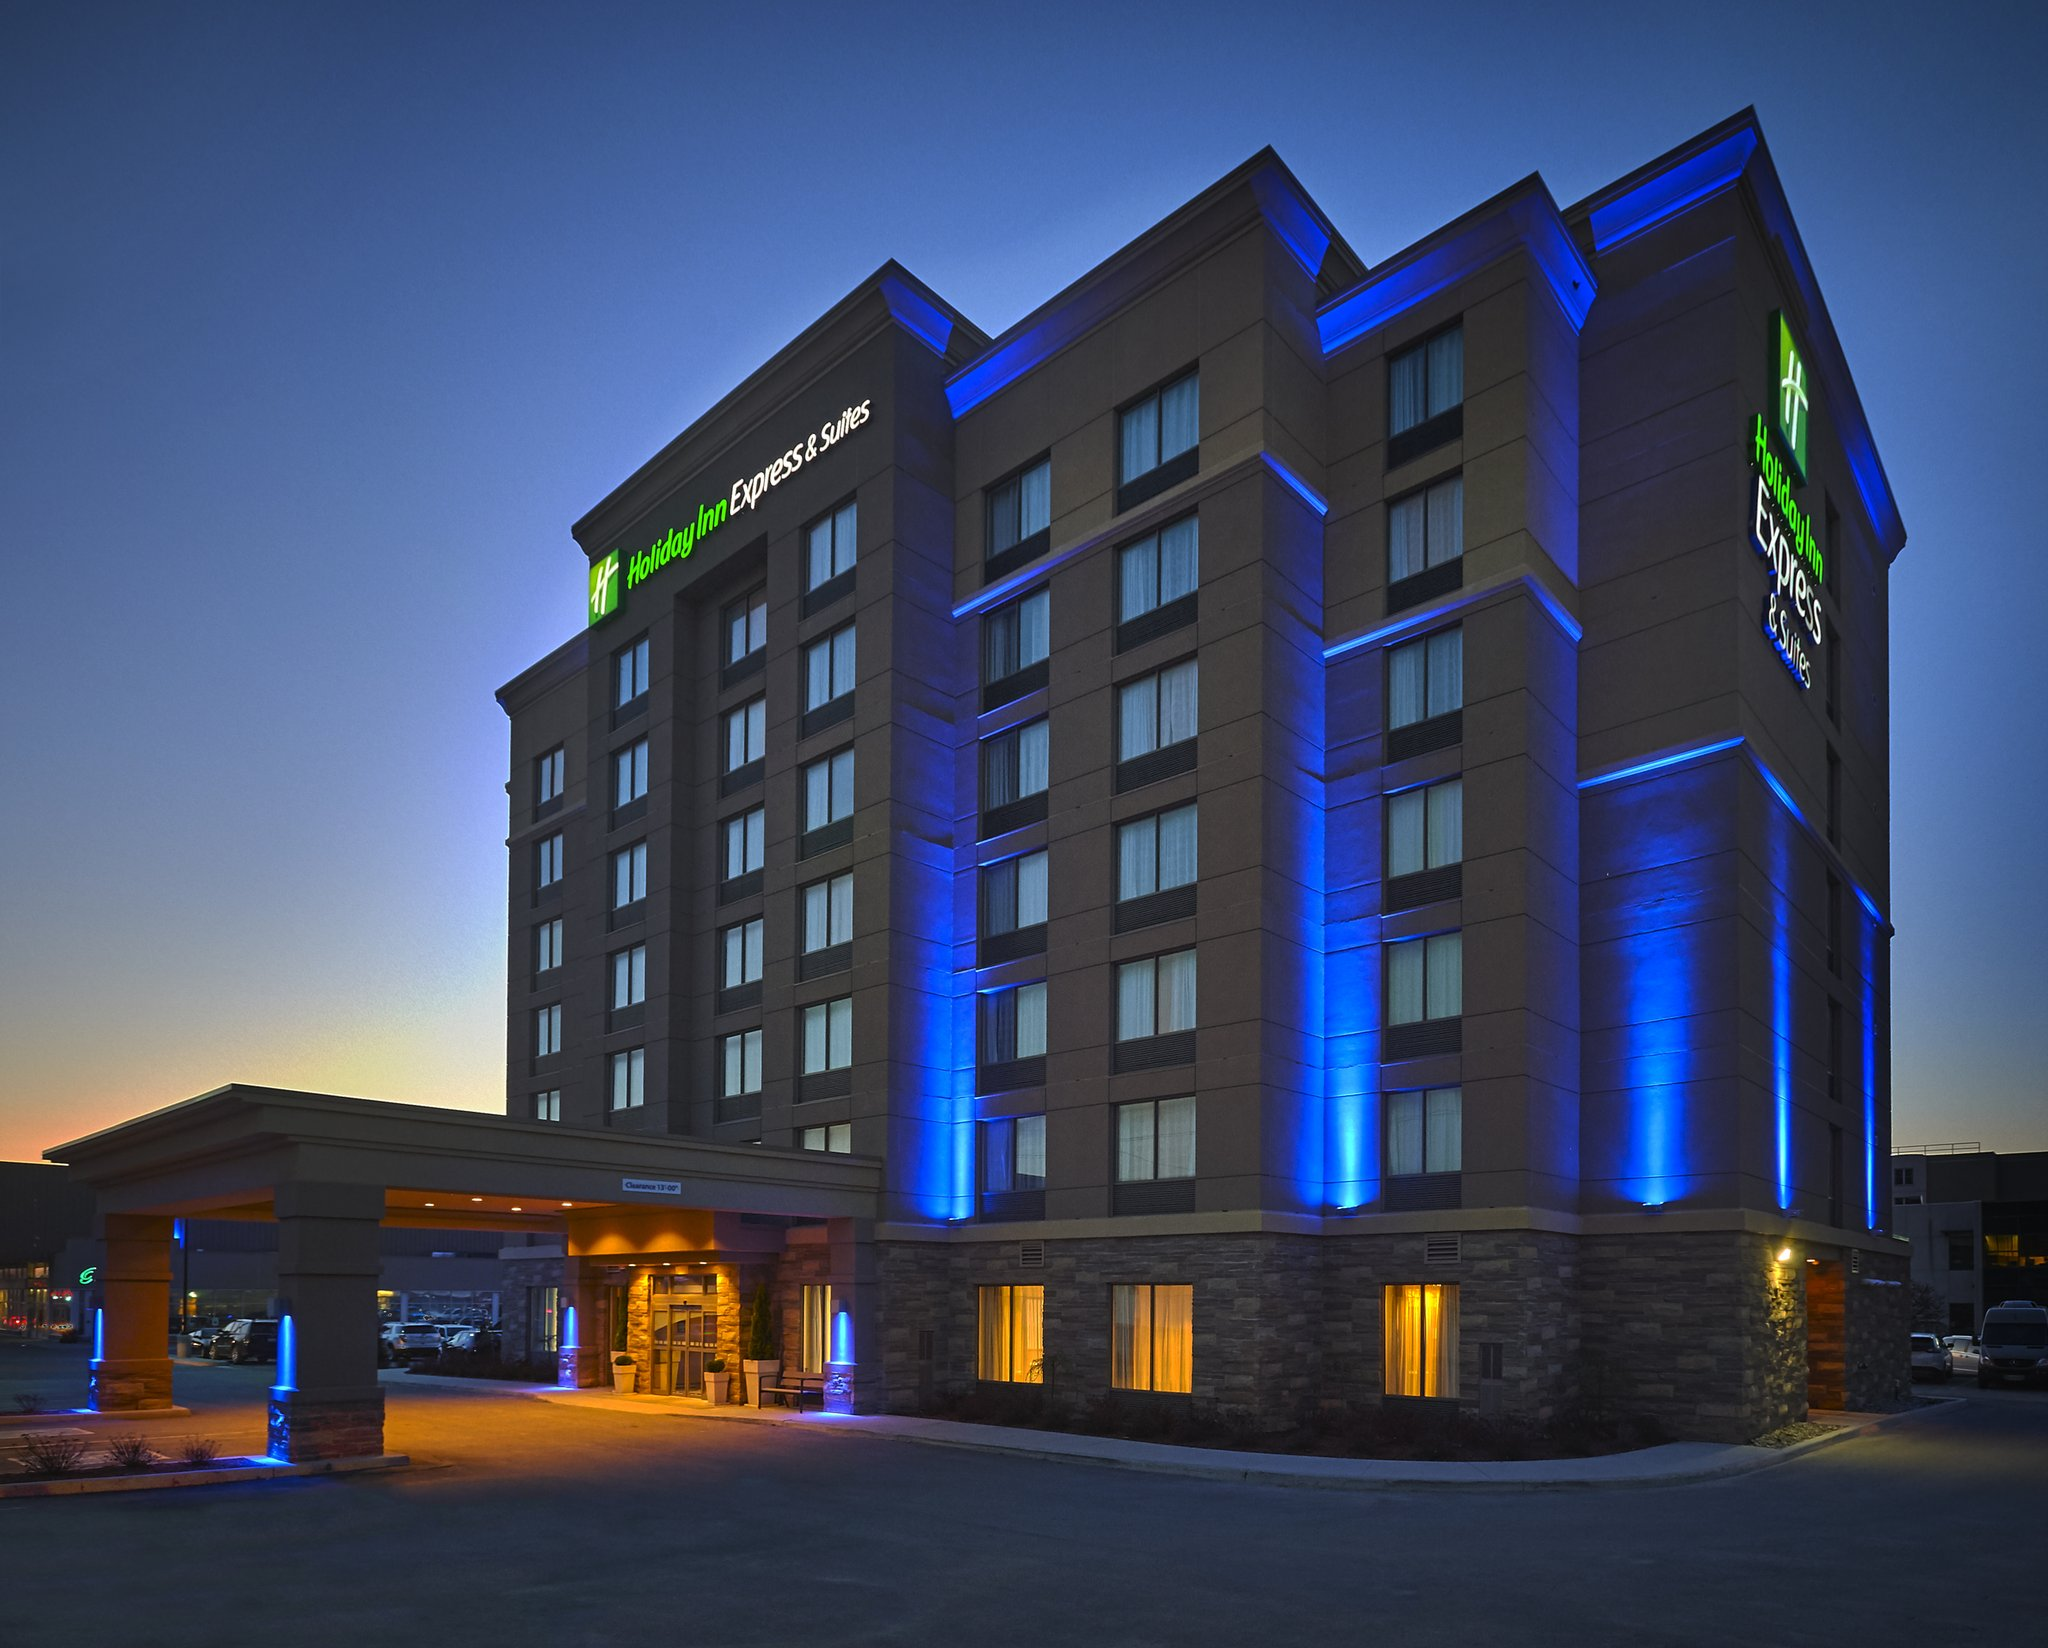 Holiday Inn Express Hotel & Stes Timmins